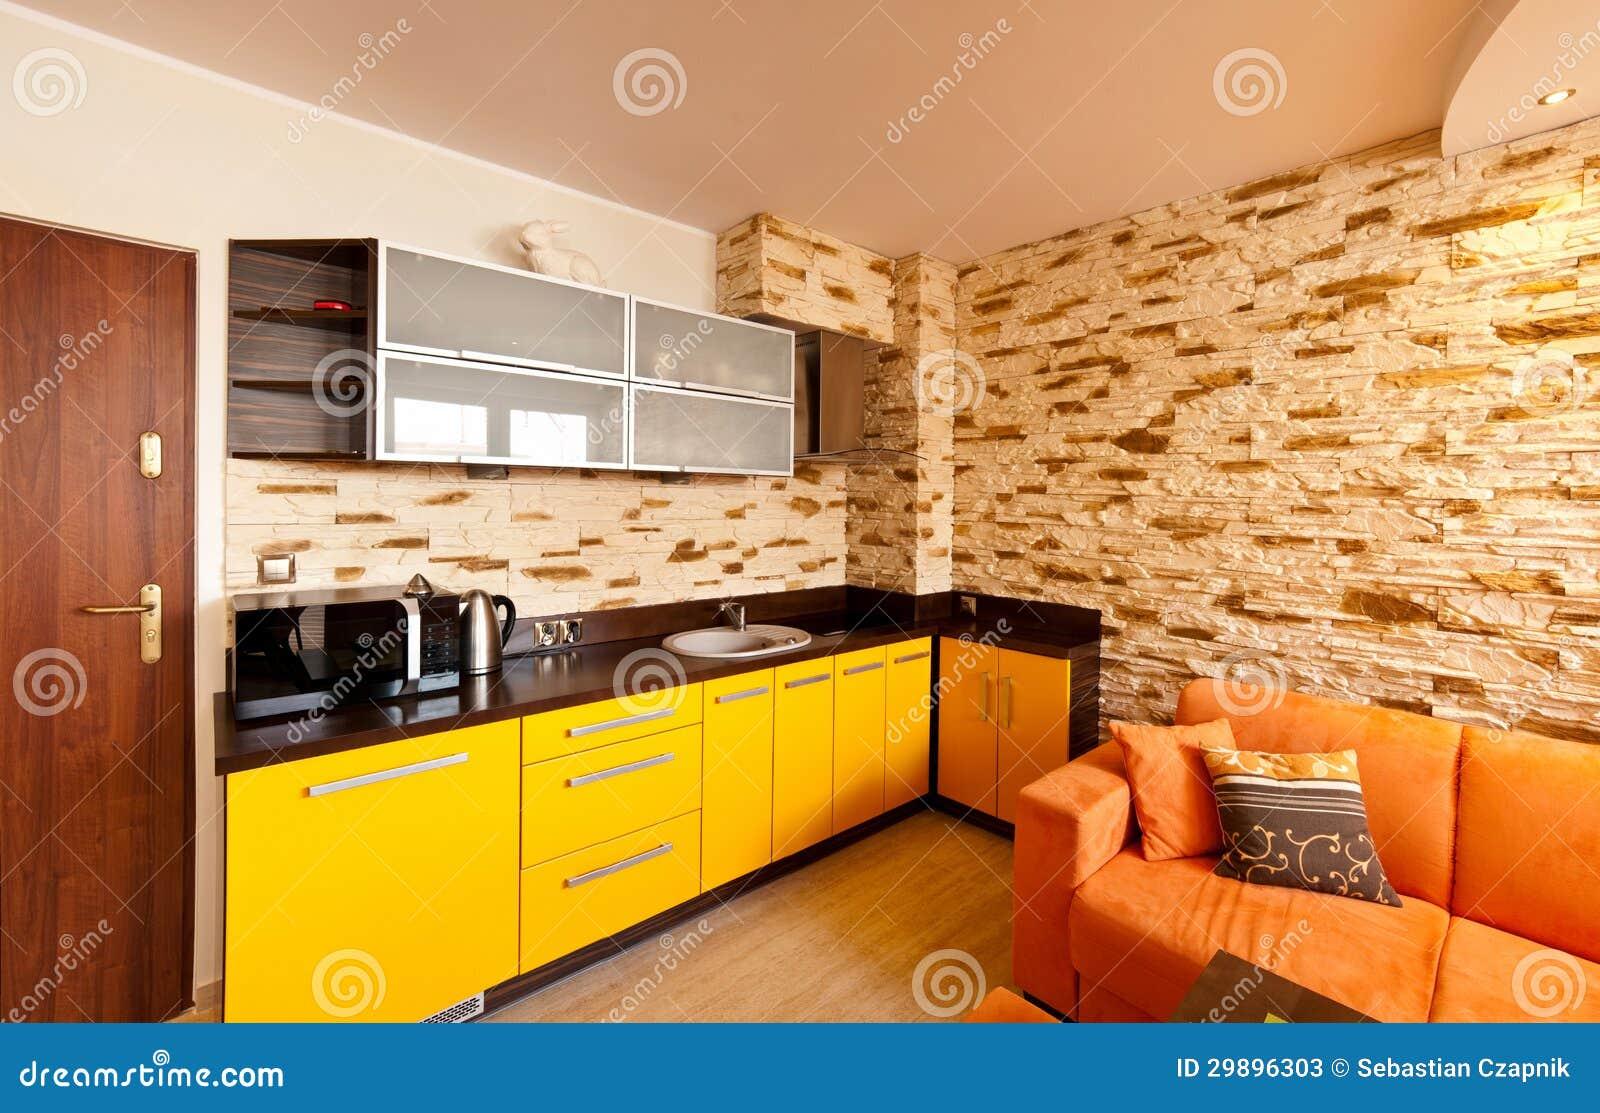 do tema com canto montou a cozinha e o arenito telhou a parede #C89E03 1300 921